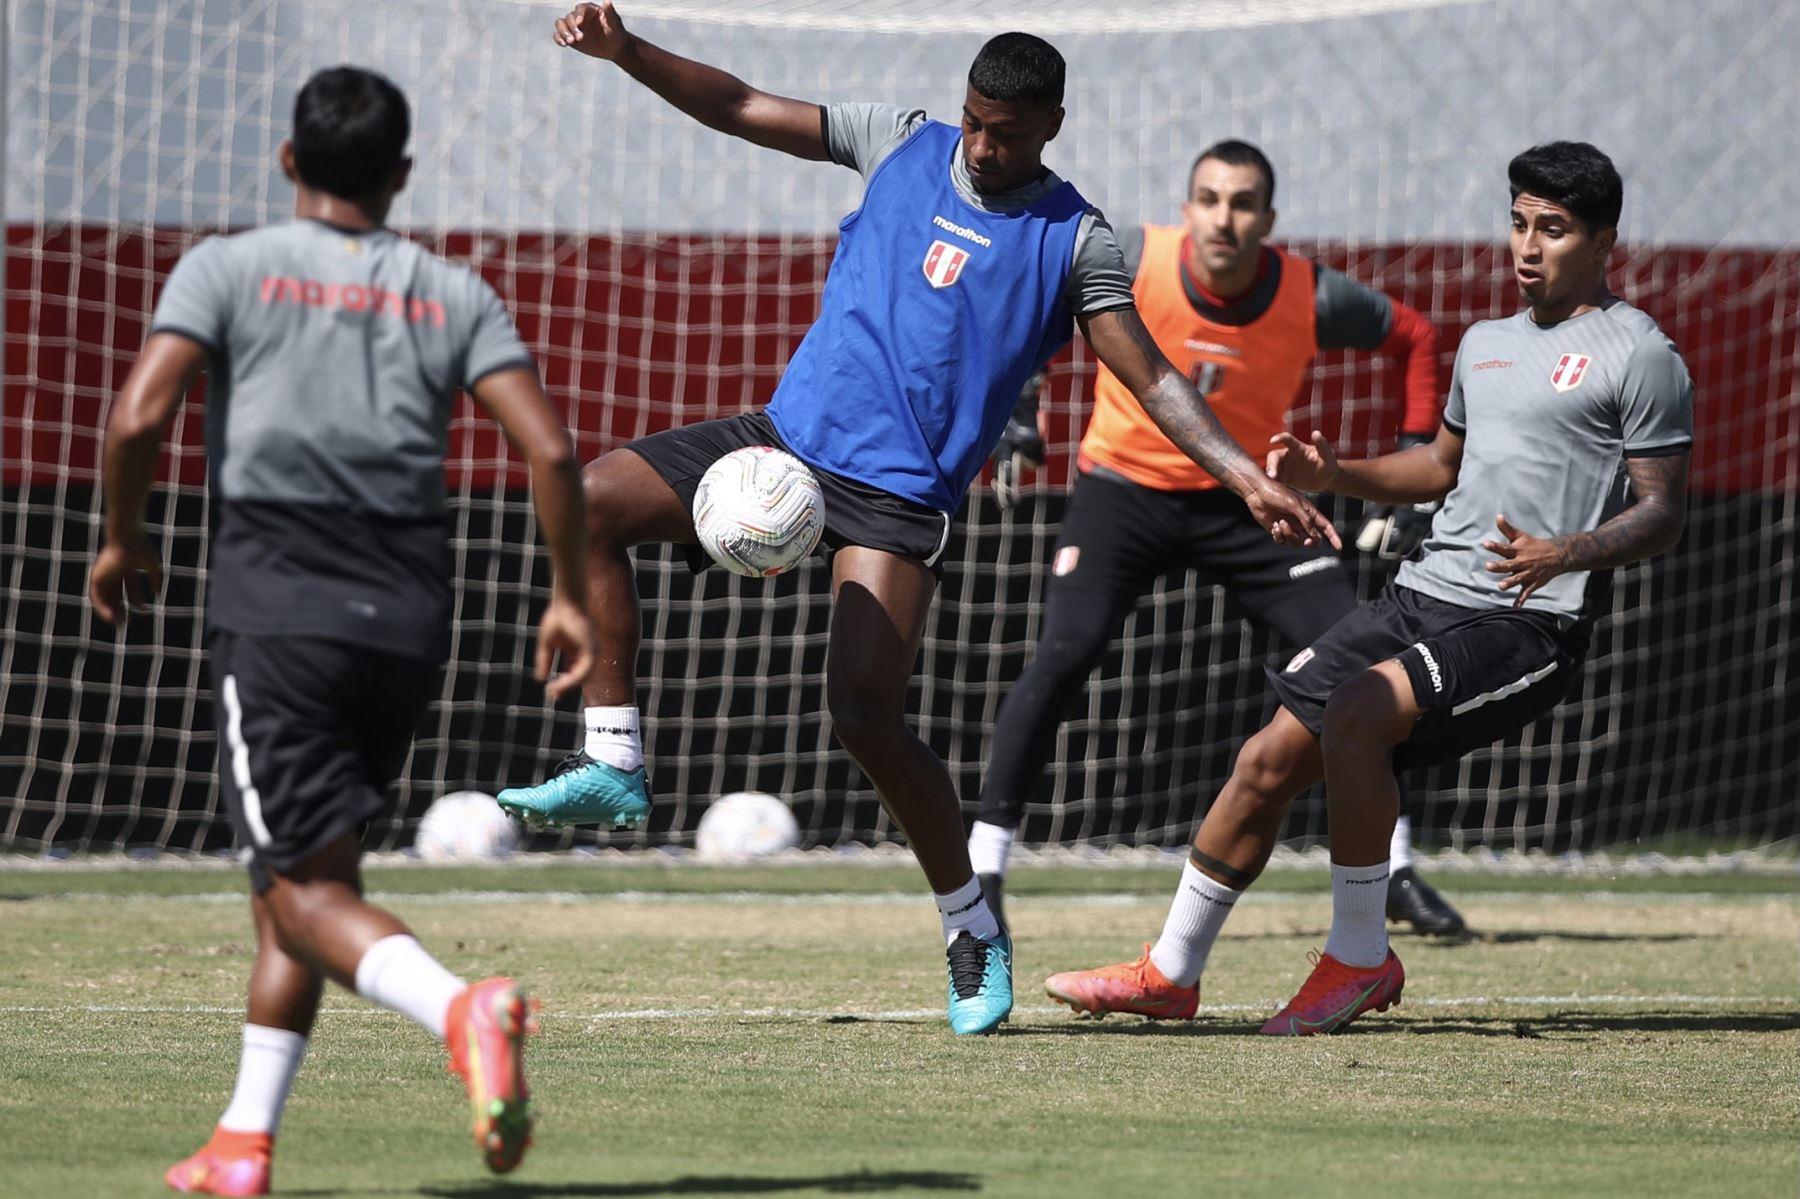 A un día del duelo ante Ecuador, la selección peruana continuó con su preparación en el campo de entrenamiento del Atlético Goianense con la mira puesta en afrontar su tercer encuentro en esta Copa América 2021. Foto: Selección Peruana